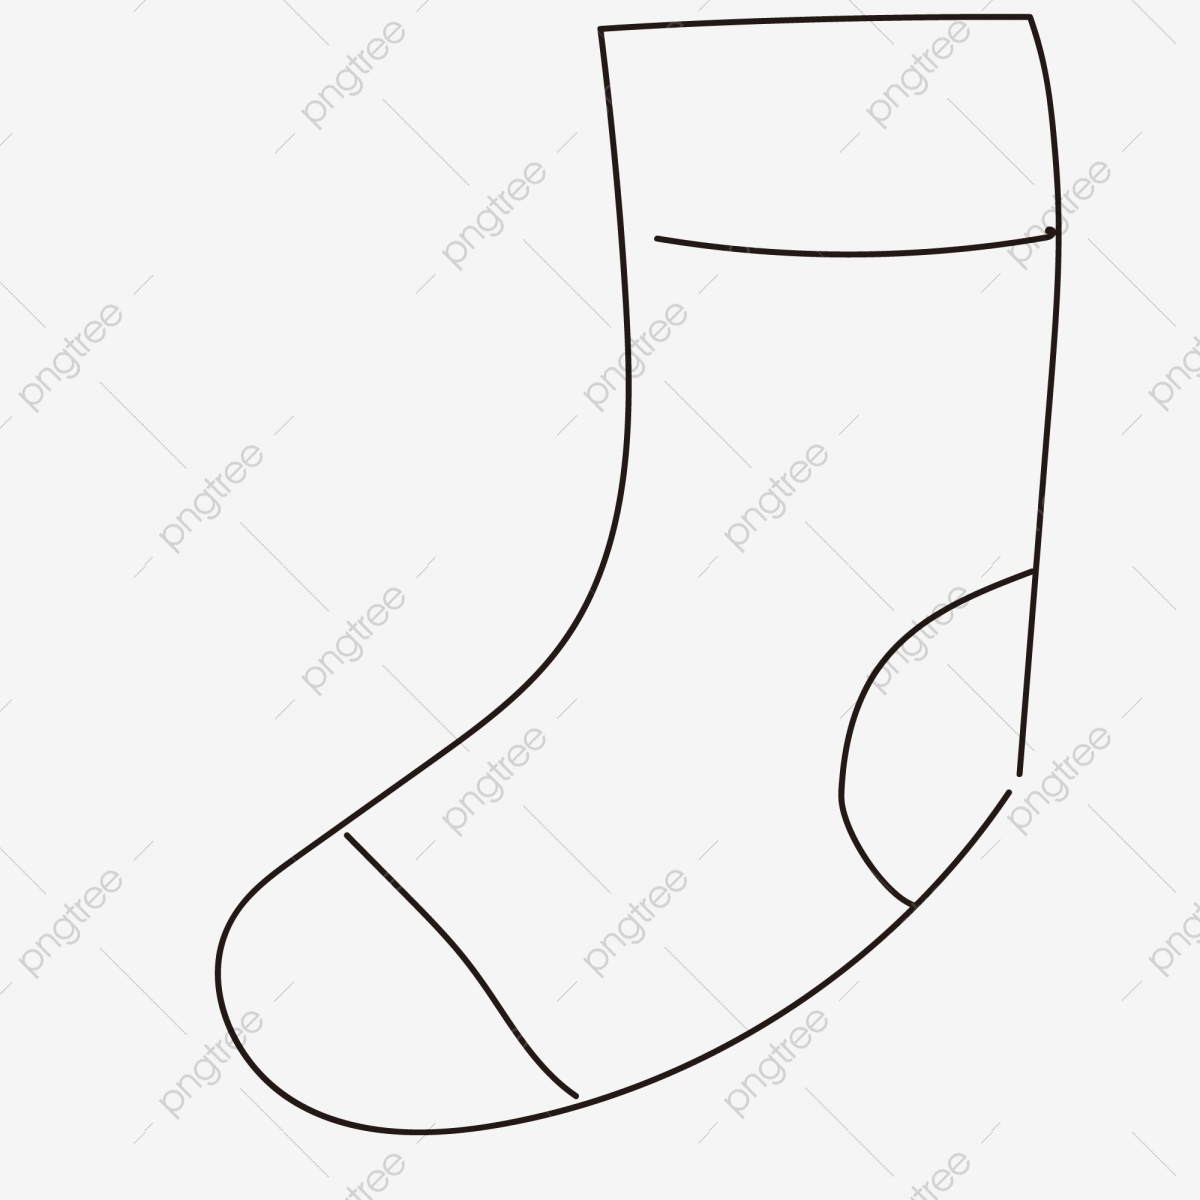 Cartoon Hand Painted Socks Free Illustration Socks Strips